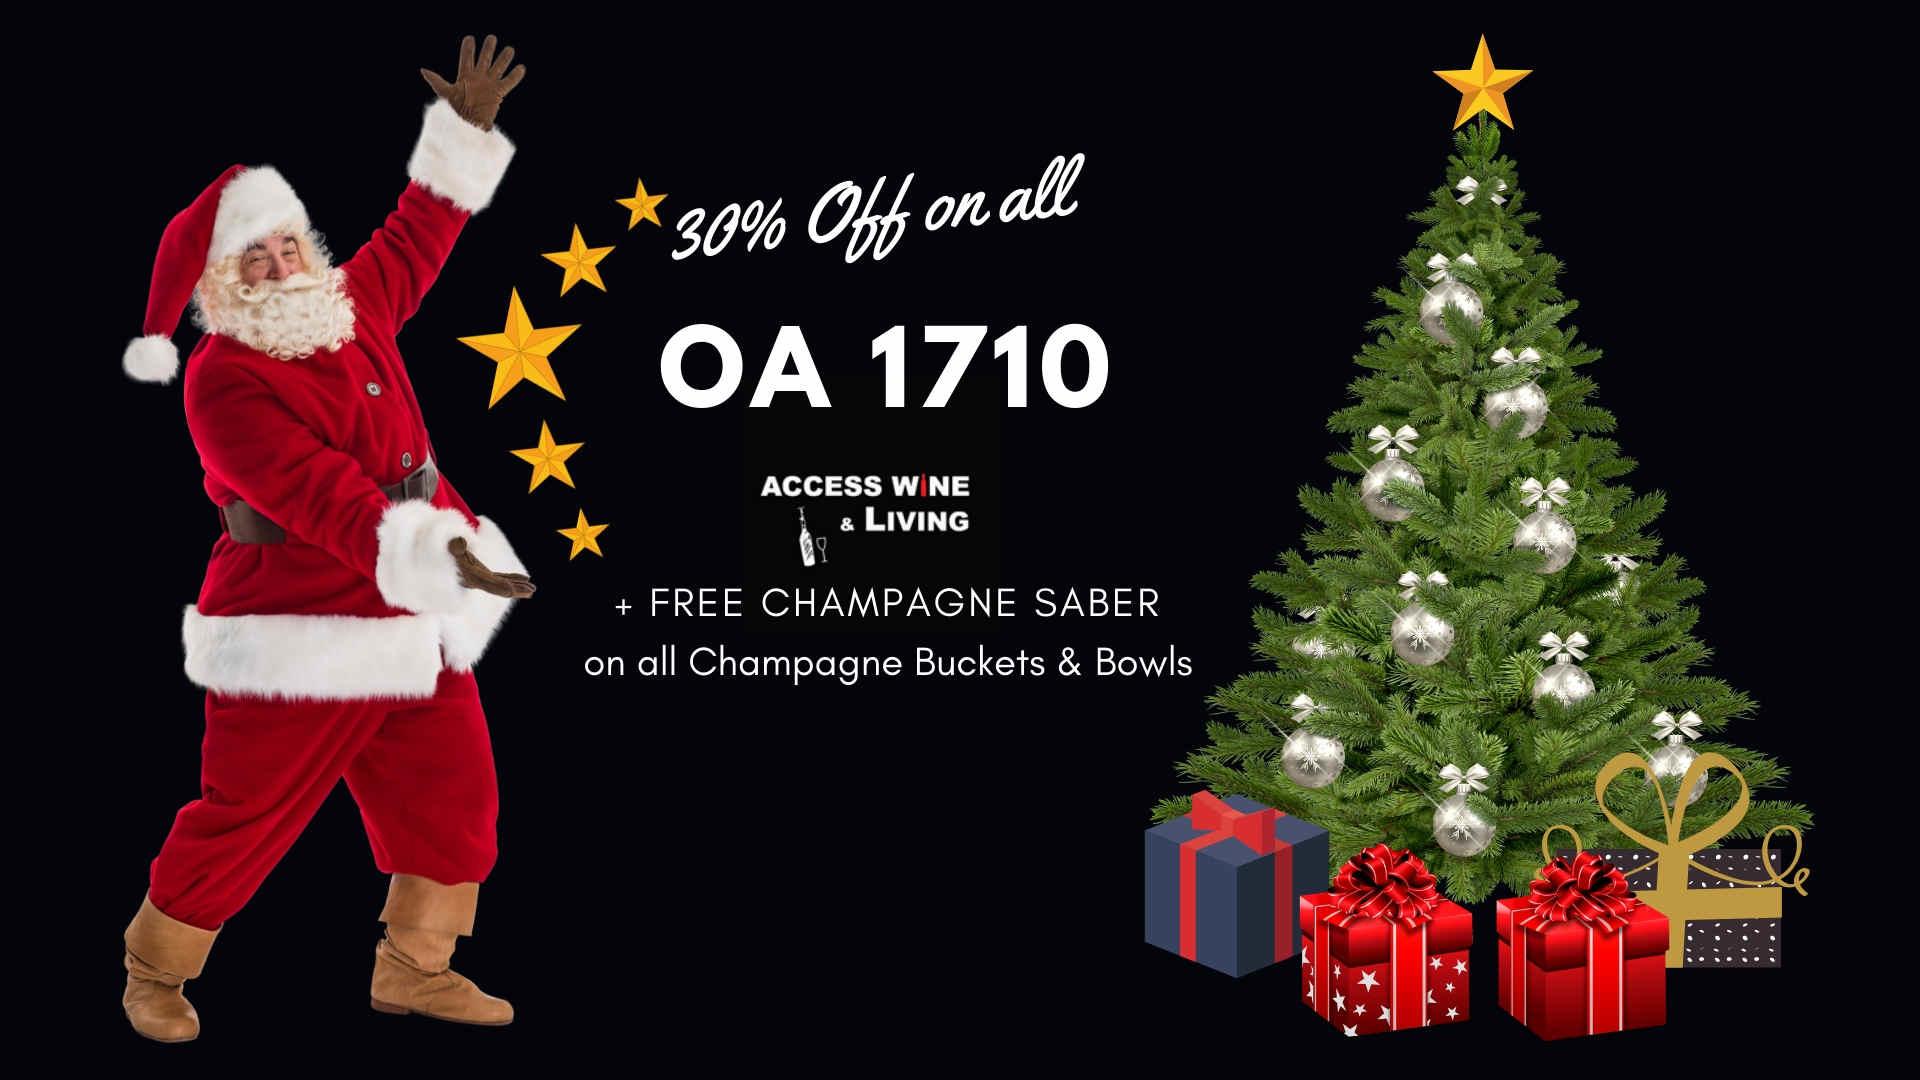 OA 1710 Christmas gift